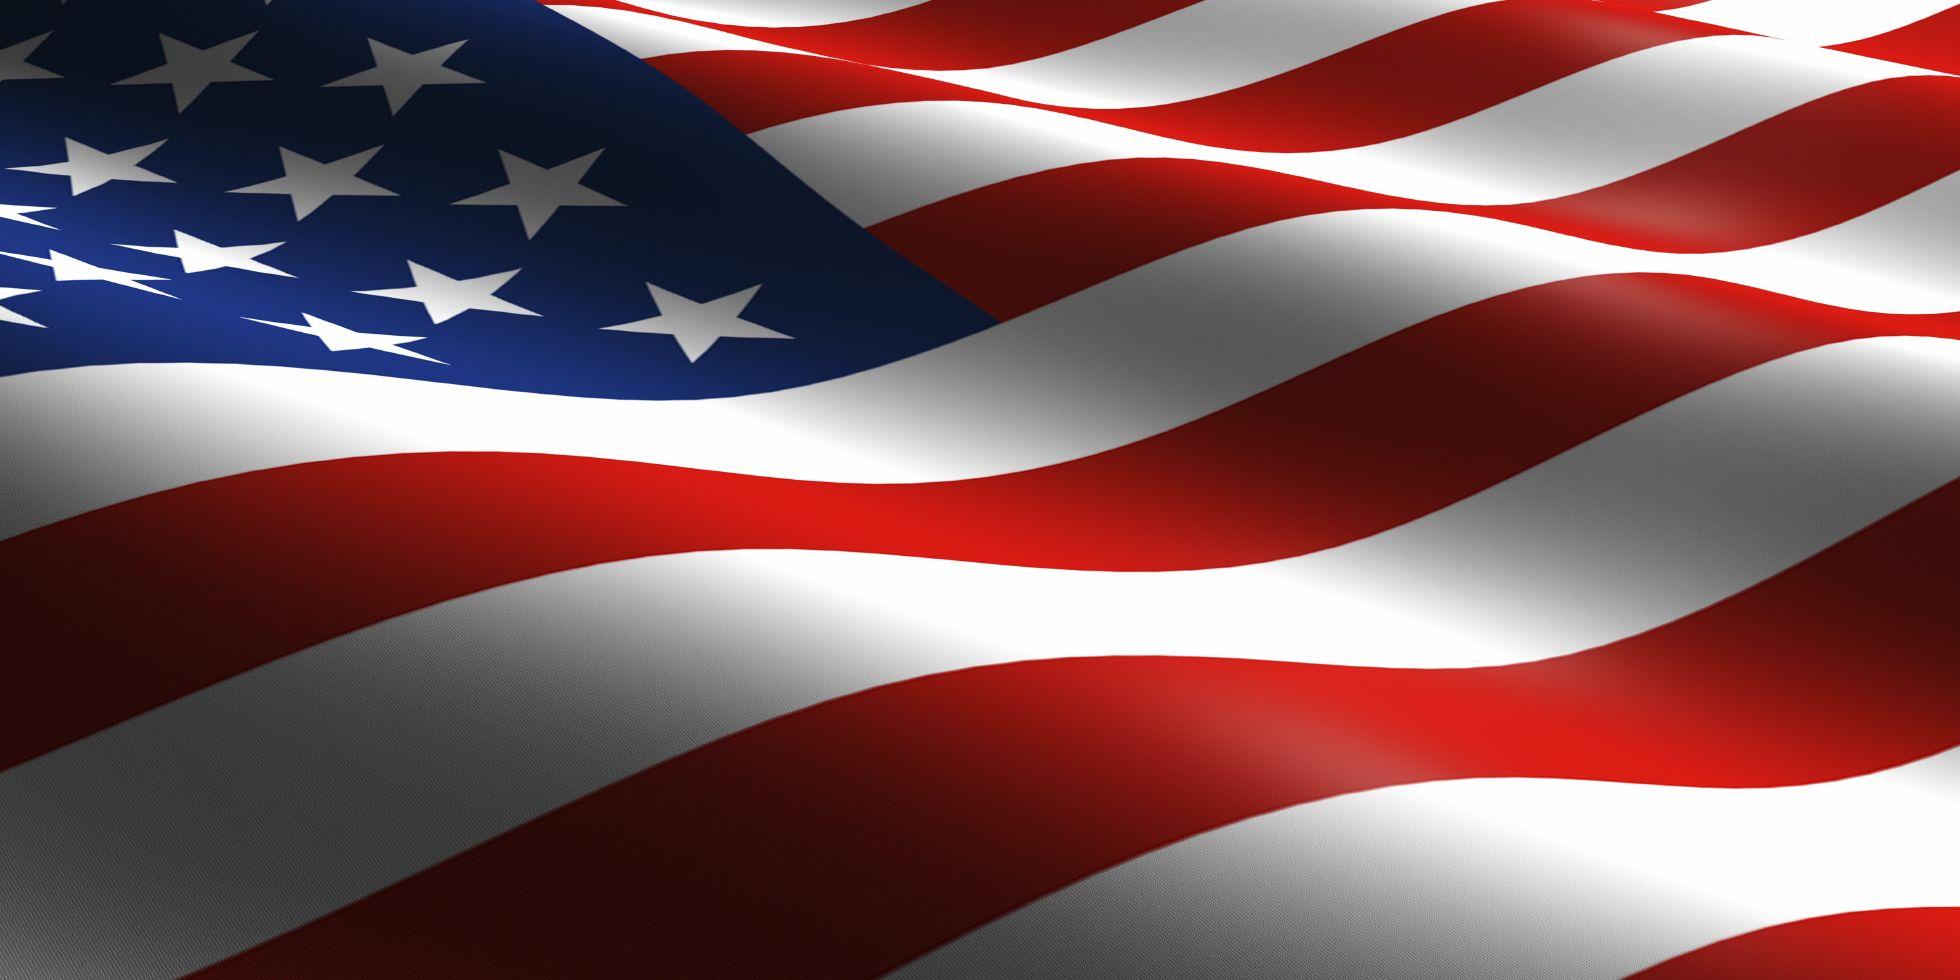 Wod Design En Plein Developpement Nouveau Site En Anglais Destine A La Clientele Americaine Et Amerika Flagge Fahnen Kunst Amerikanische Flagge Hintergrund